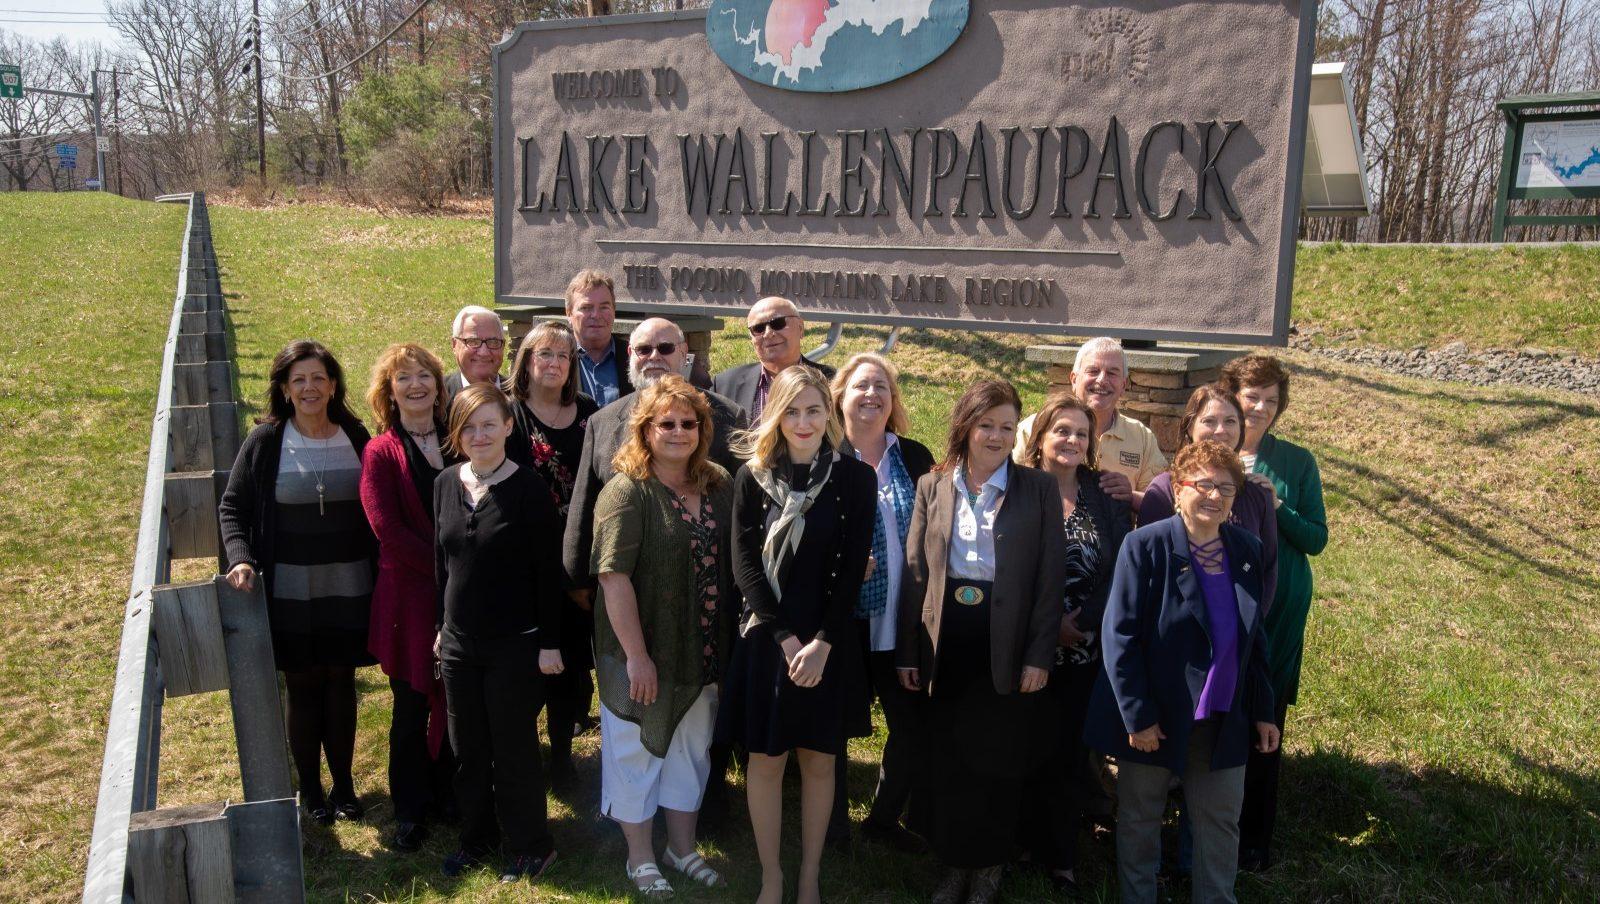 lake wallenpaupack real estate